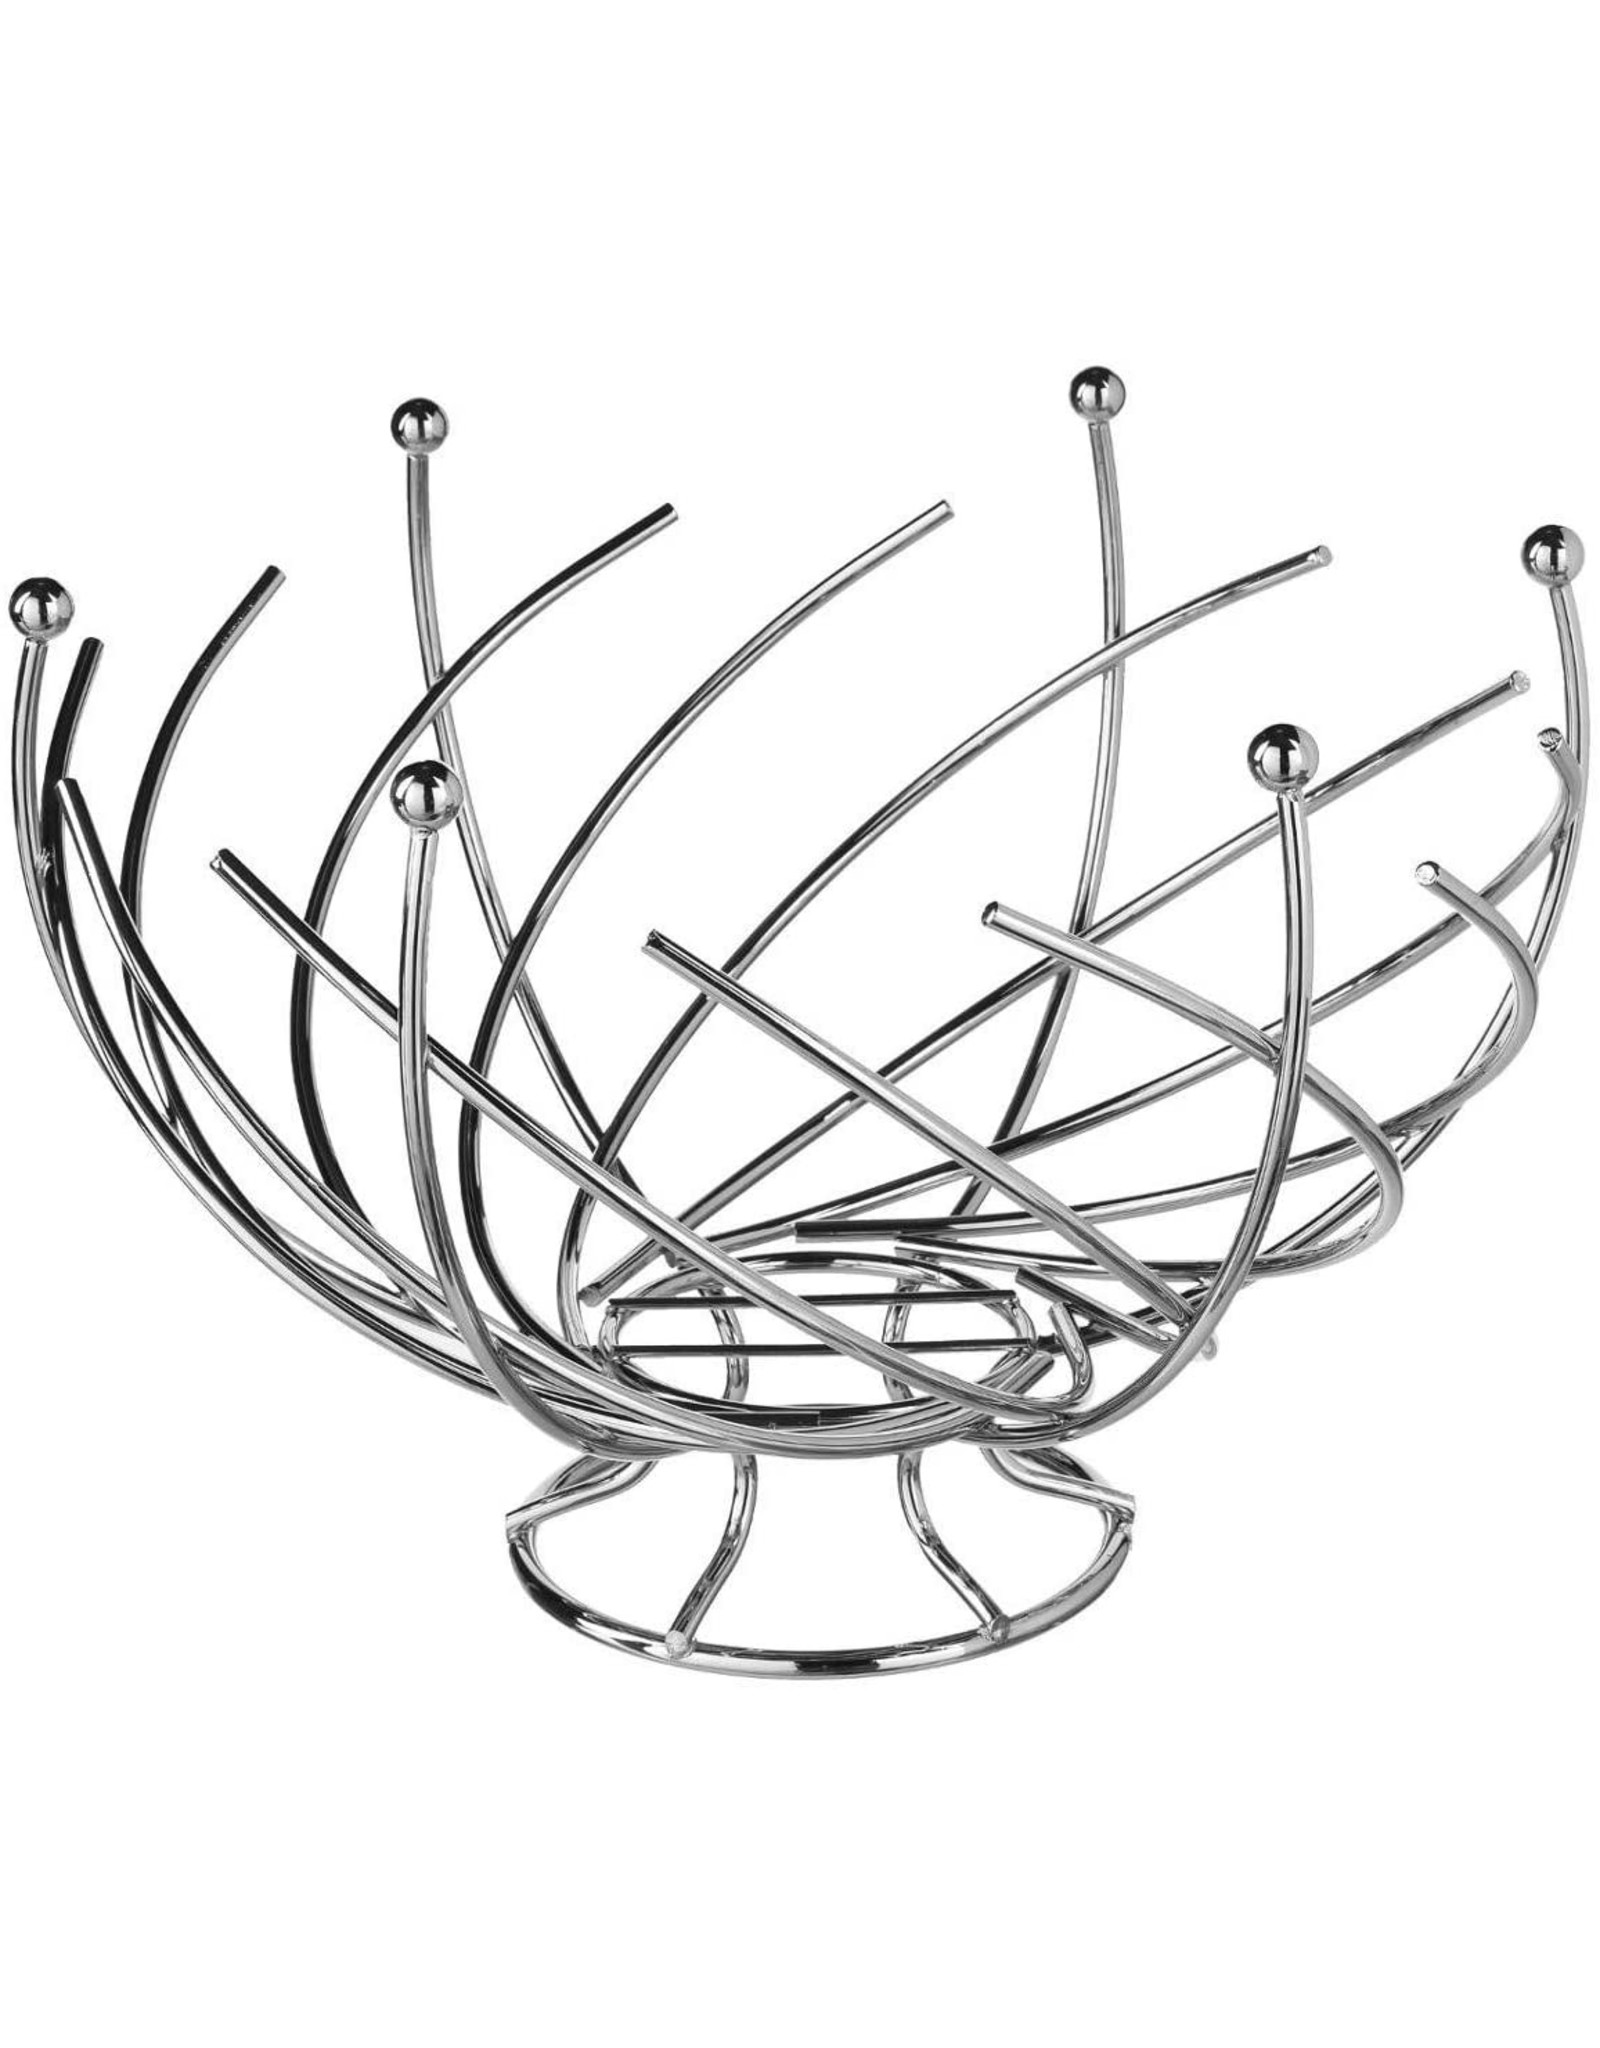 Atmosphera Atmosphera - Spiraalvormige Fruitschaal - Roestvrij Staal - 30 x 21,5 cm